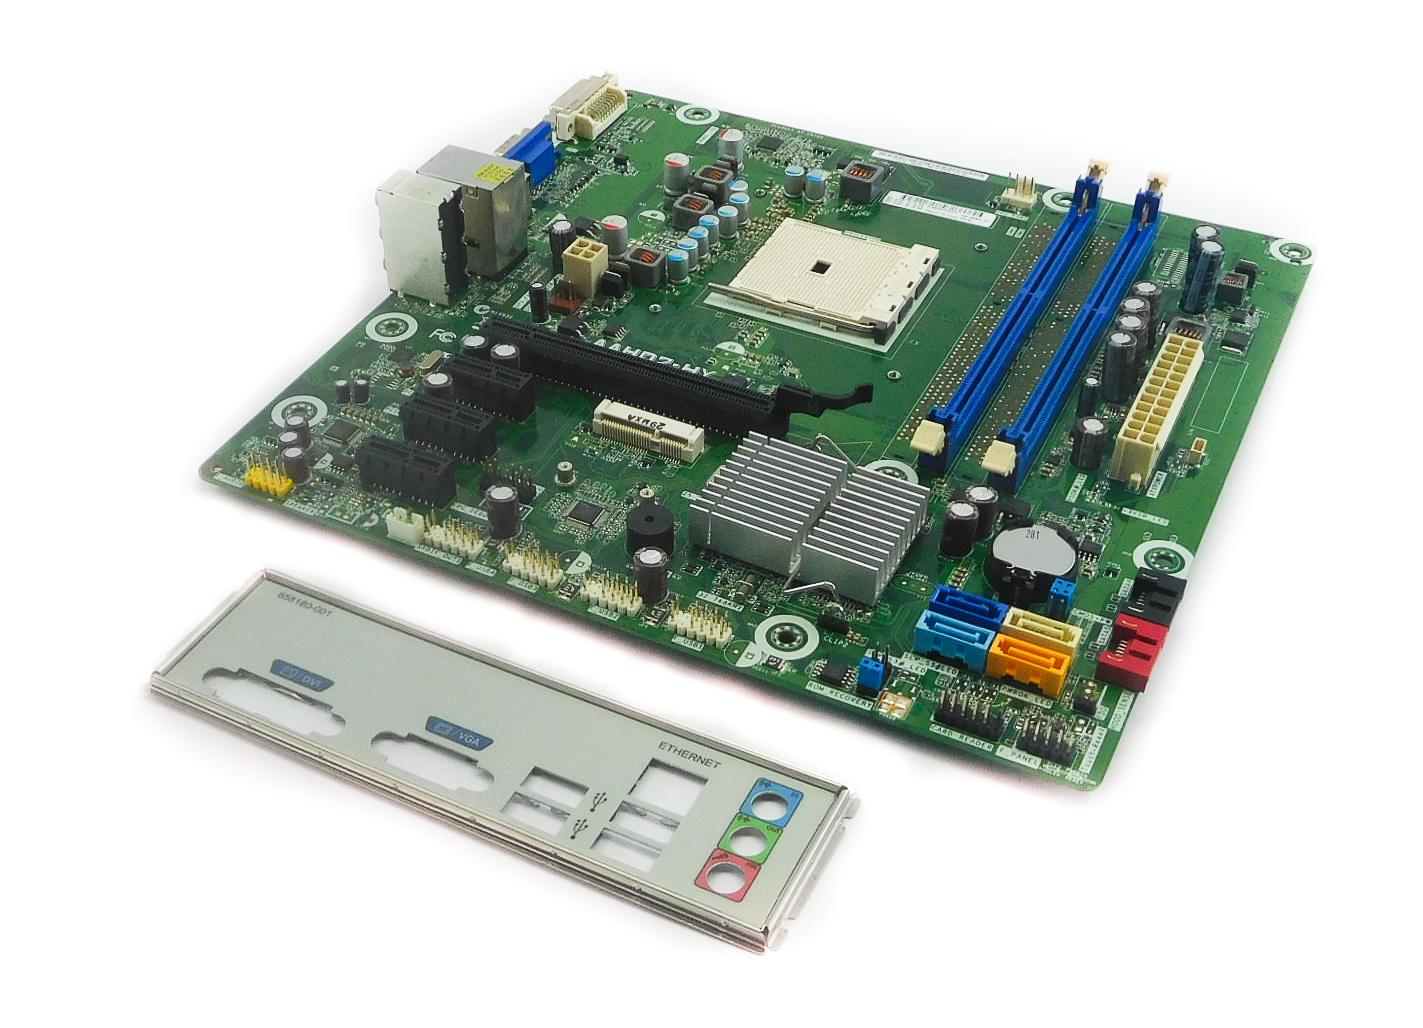 HP 696350-001 HP Pro P6-2000 AMD Socket FM1 Motherboard SP# 701022-001 AAHD2-HY